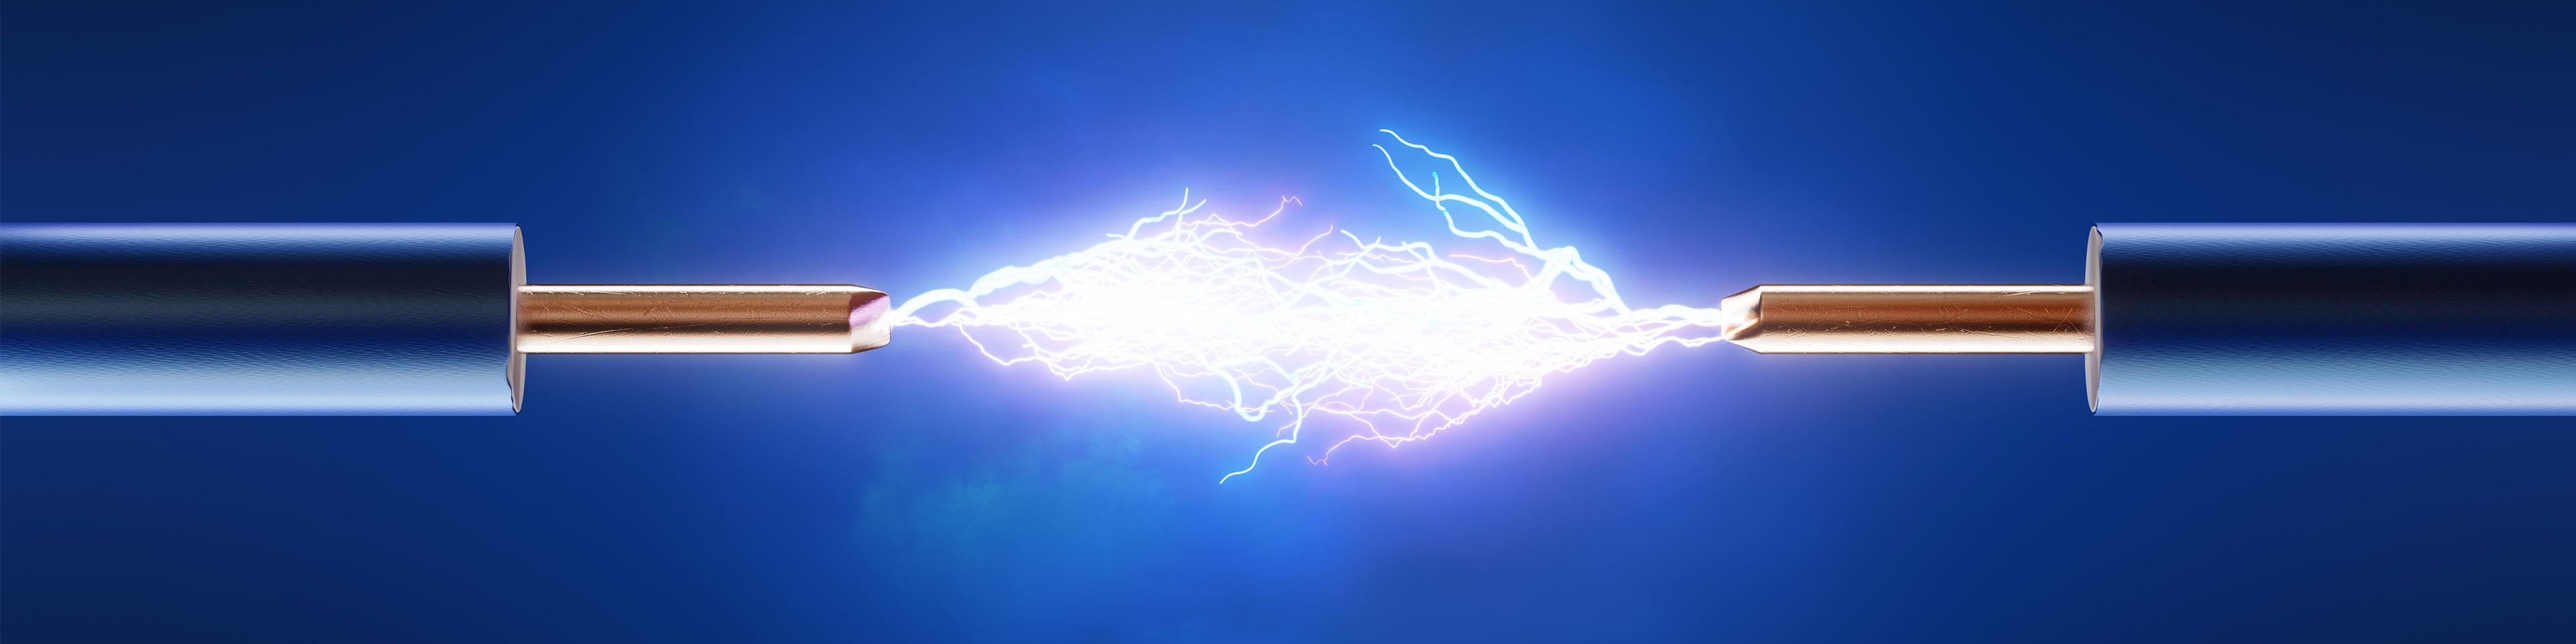 ElectroSafe_arcflash